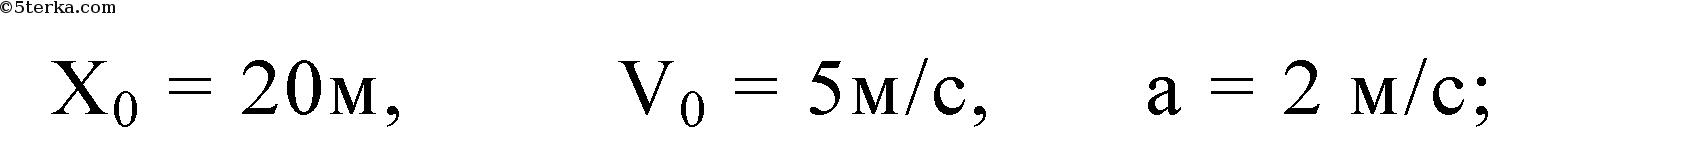 уравнение движения материальной точки имеет вид х